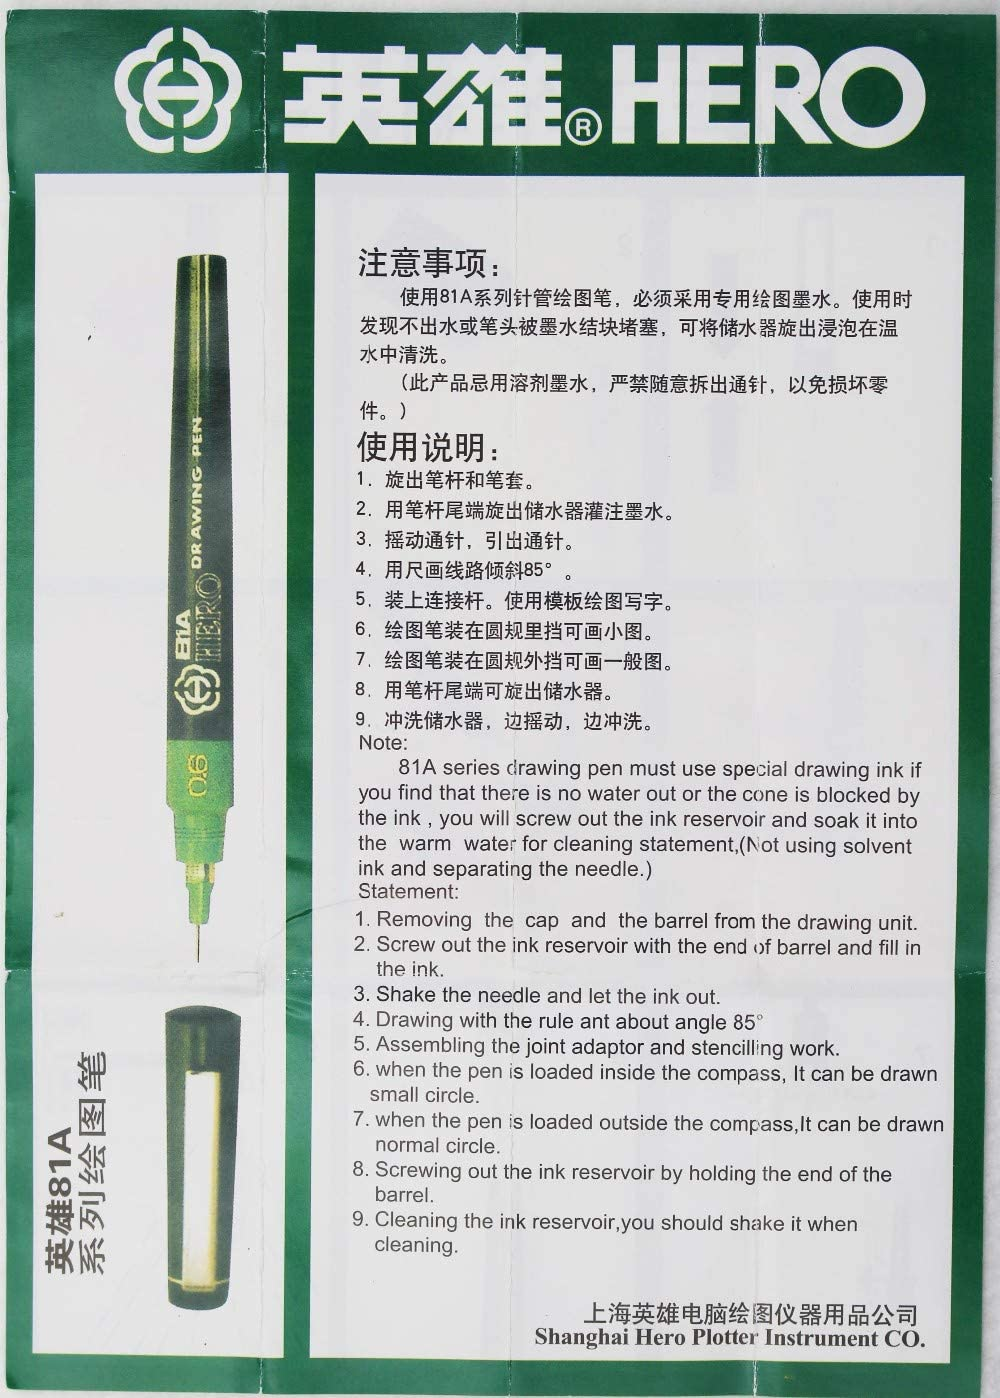 VIVIAN - Juego de bolígrafos Hero 81-7 con aguja de tinta para dibujar y dibujar: Amazon.es: Oficina y papelería